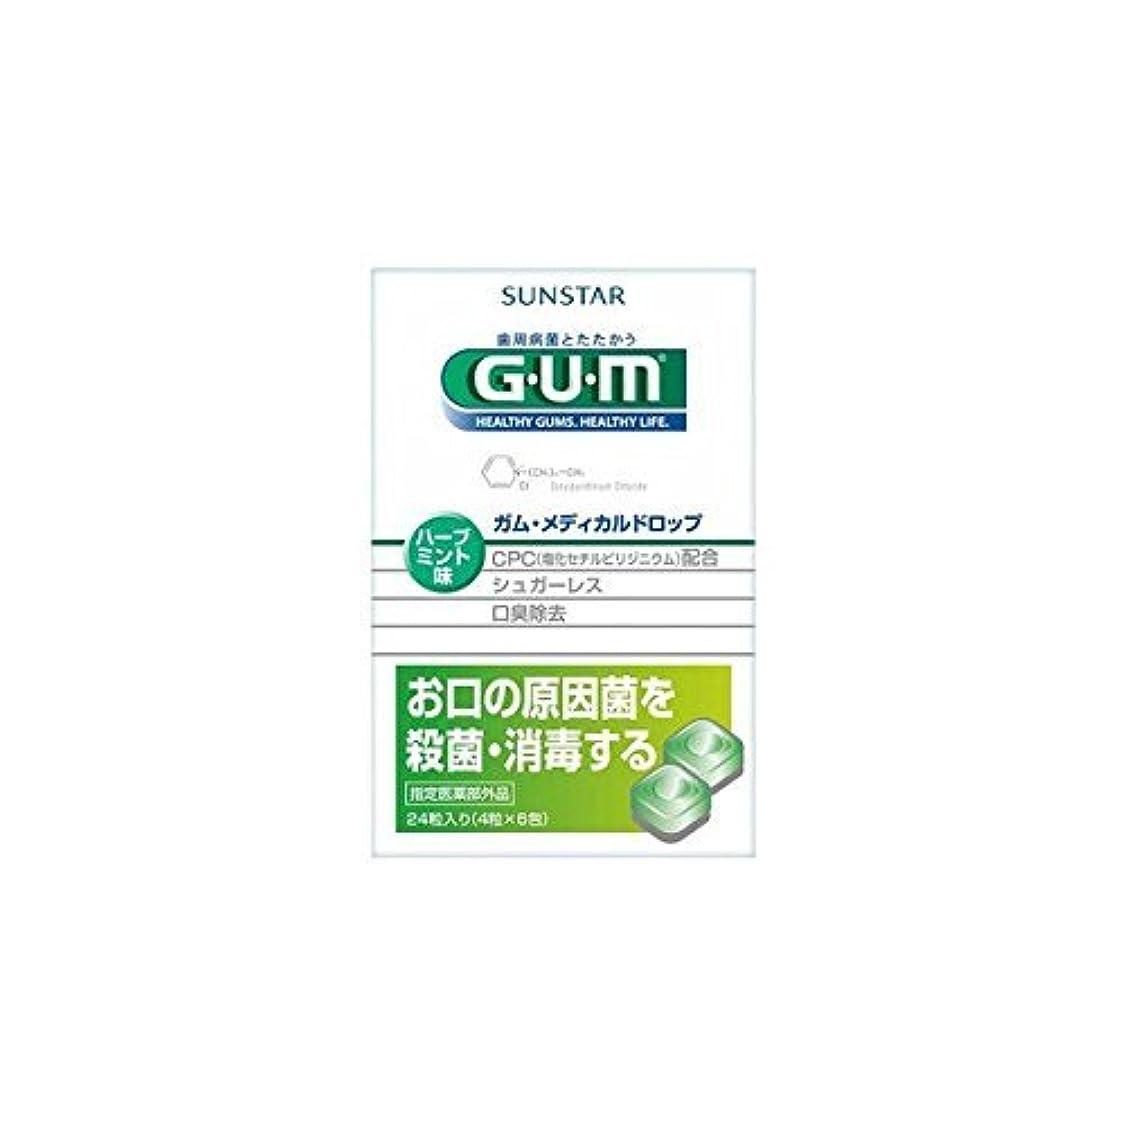 太陽ラショナル蒸【5個セット】 GUM(ガム) メディカルドロップ ハーブミント 24粒